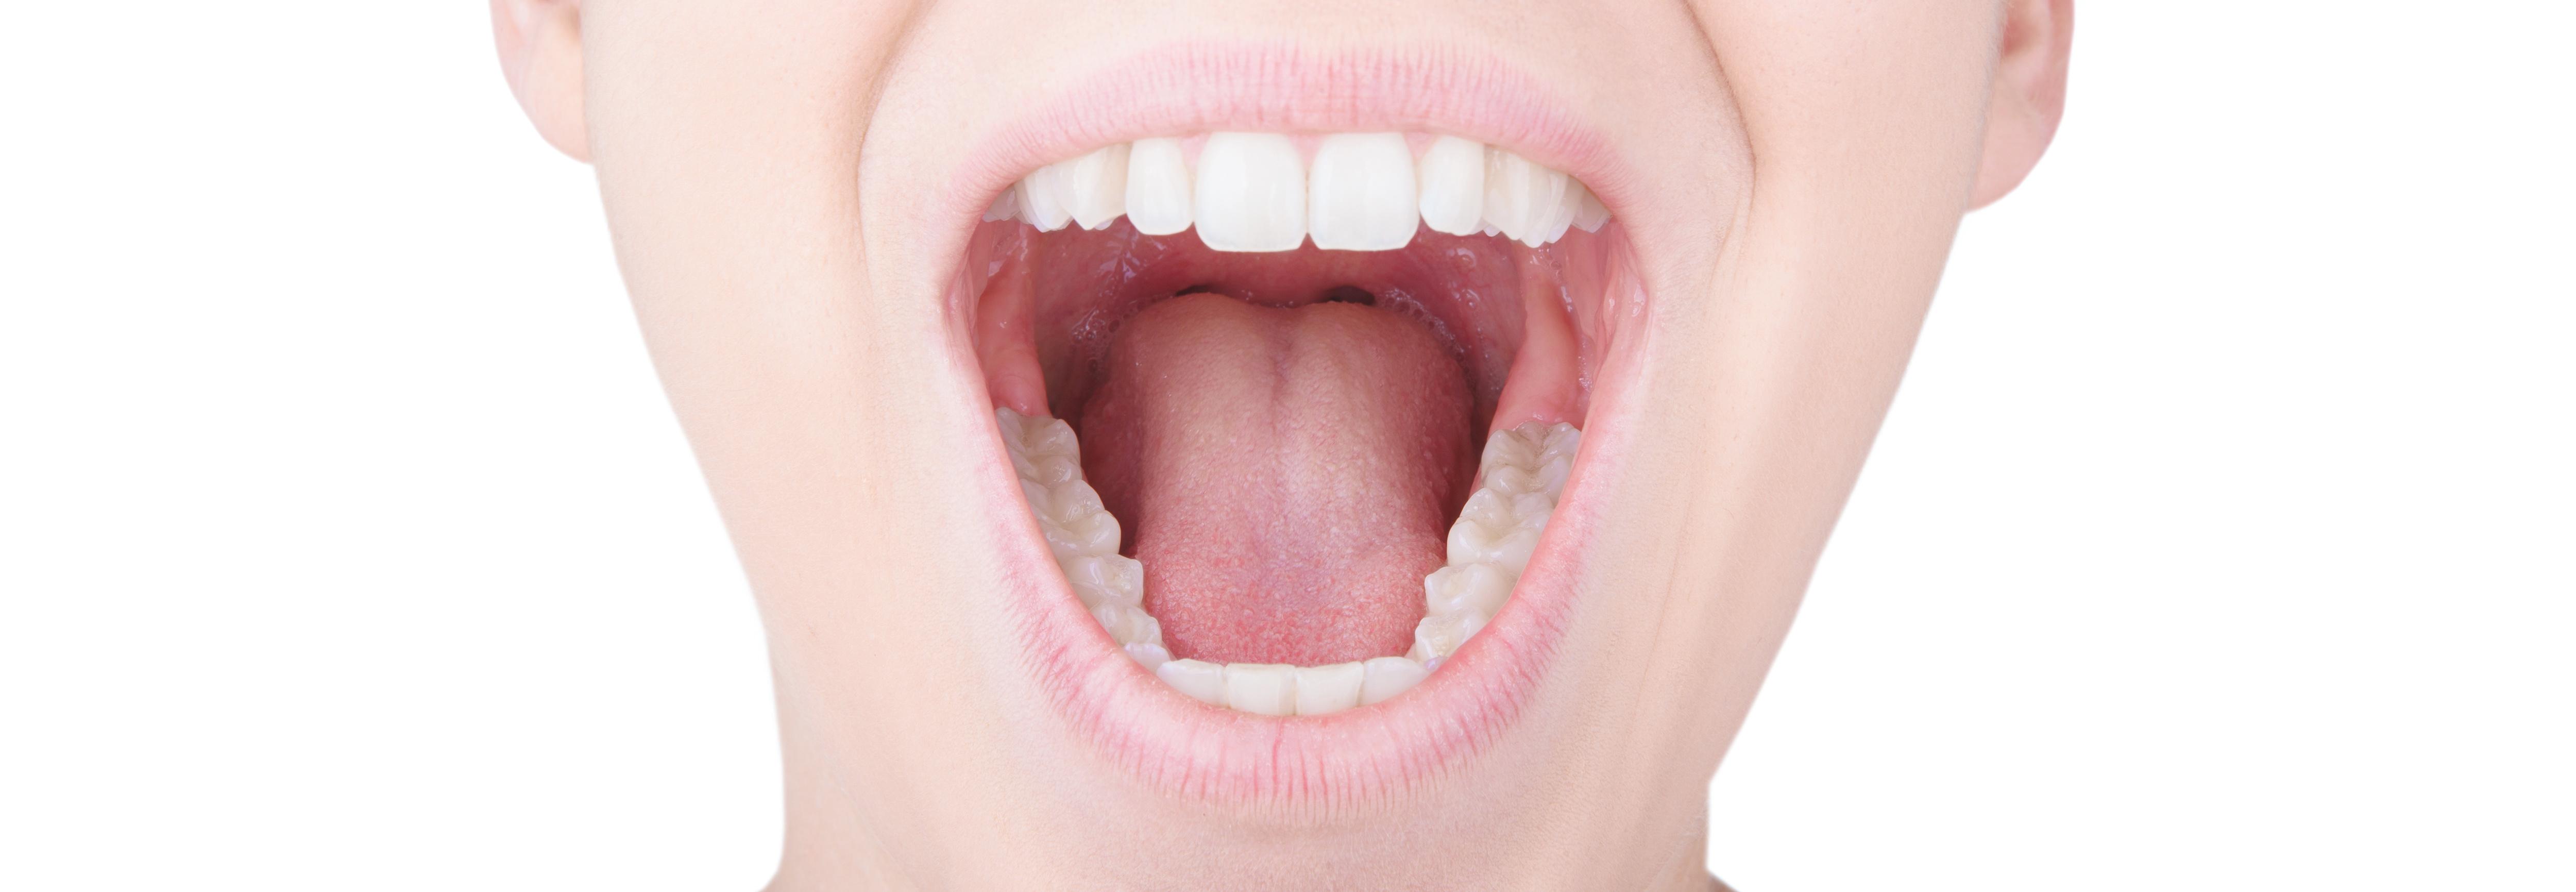 Bocca aperta con denti bianchi e lingua